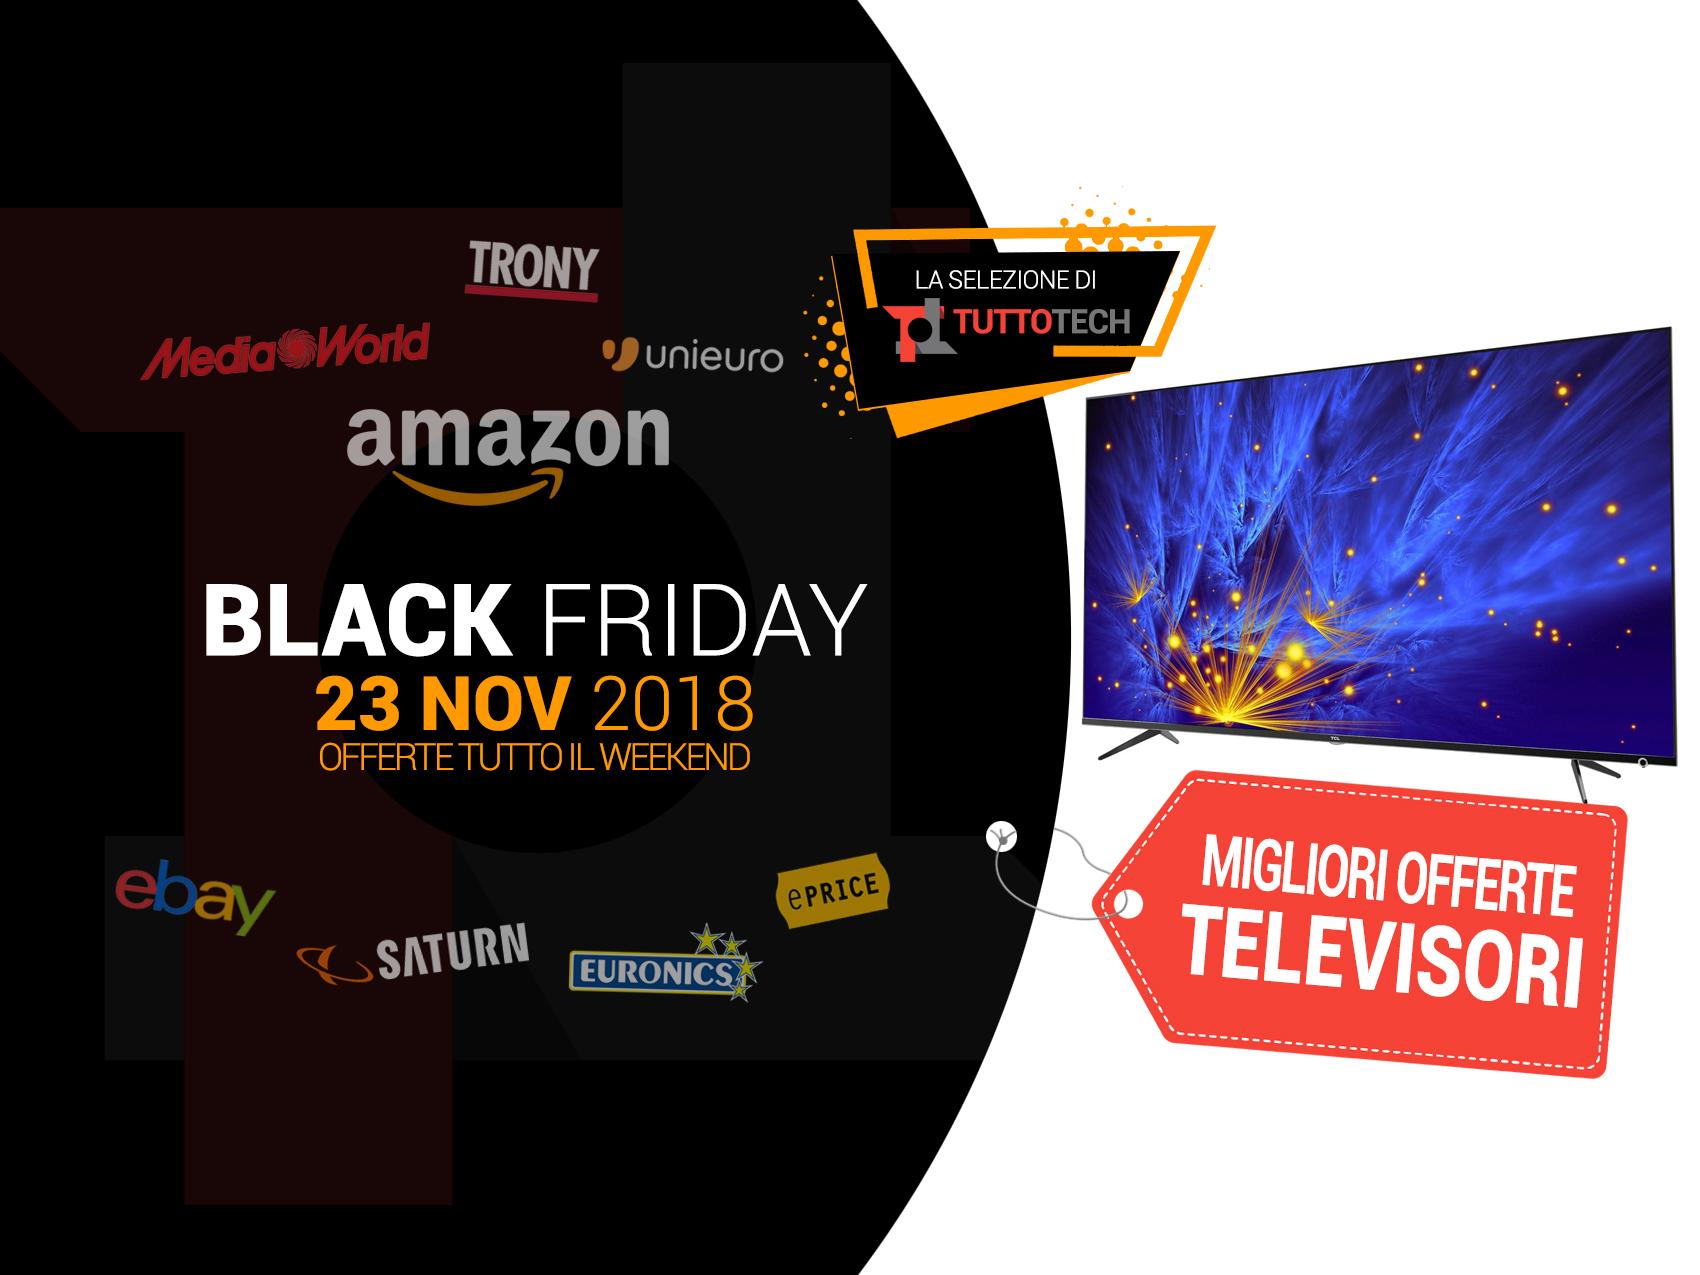 18c4b4678722fc TV Black Friday: le migliori offerte in tempo reale   TuttoTech.net